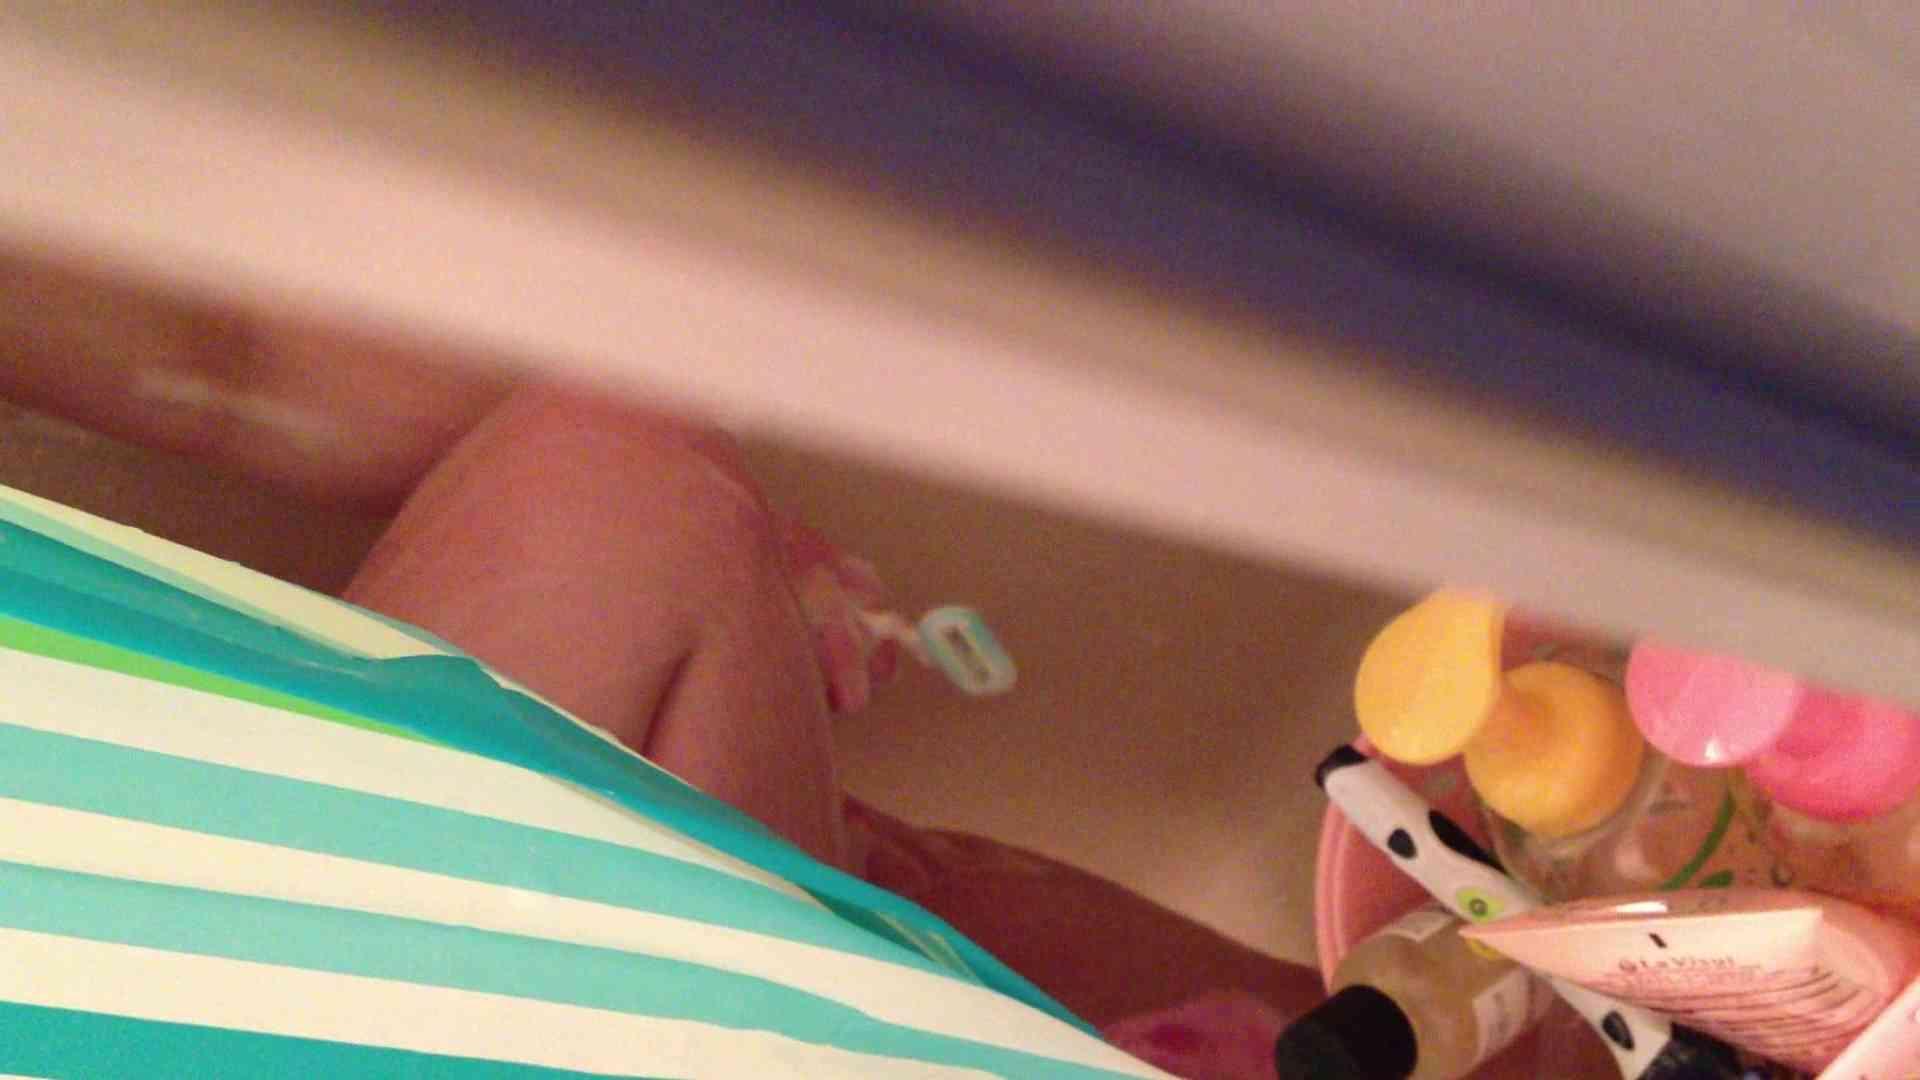 16(16日目)シャワー中にムダ毛処理をする彼女 パイパン | 一般投稿  94pic 16